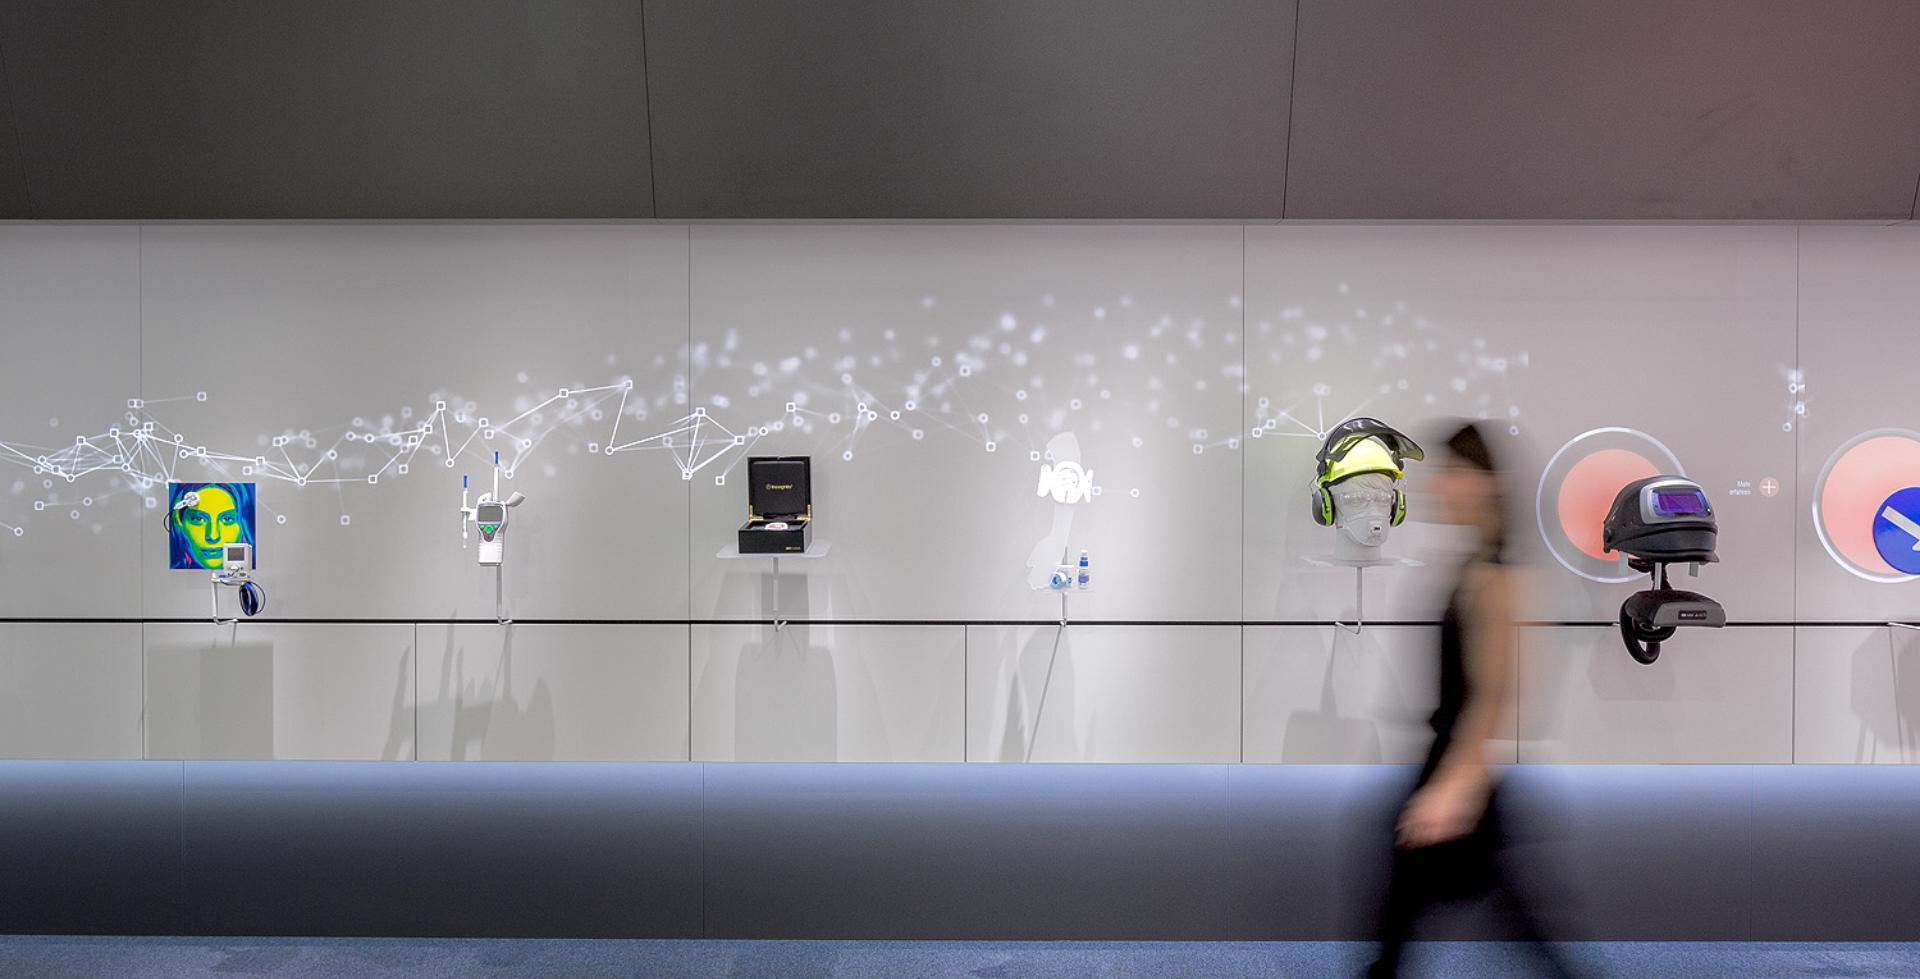 Interaktive Wand - Interaktive Projektion - Bewegungserkennung - Touchsensoren - Großprojektion - realtime visions